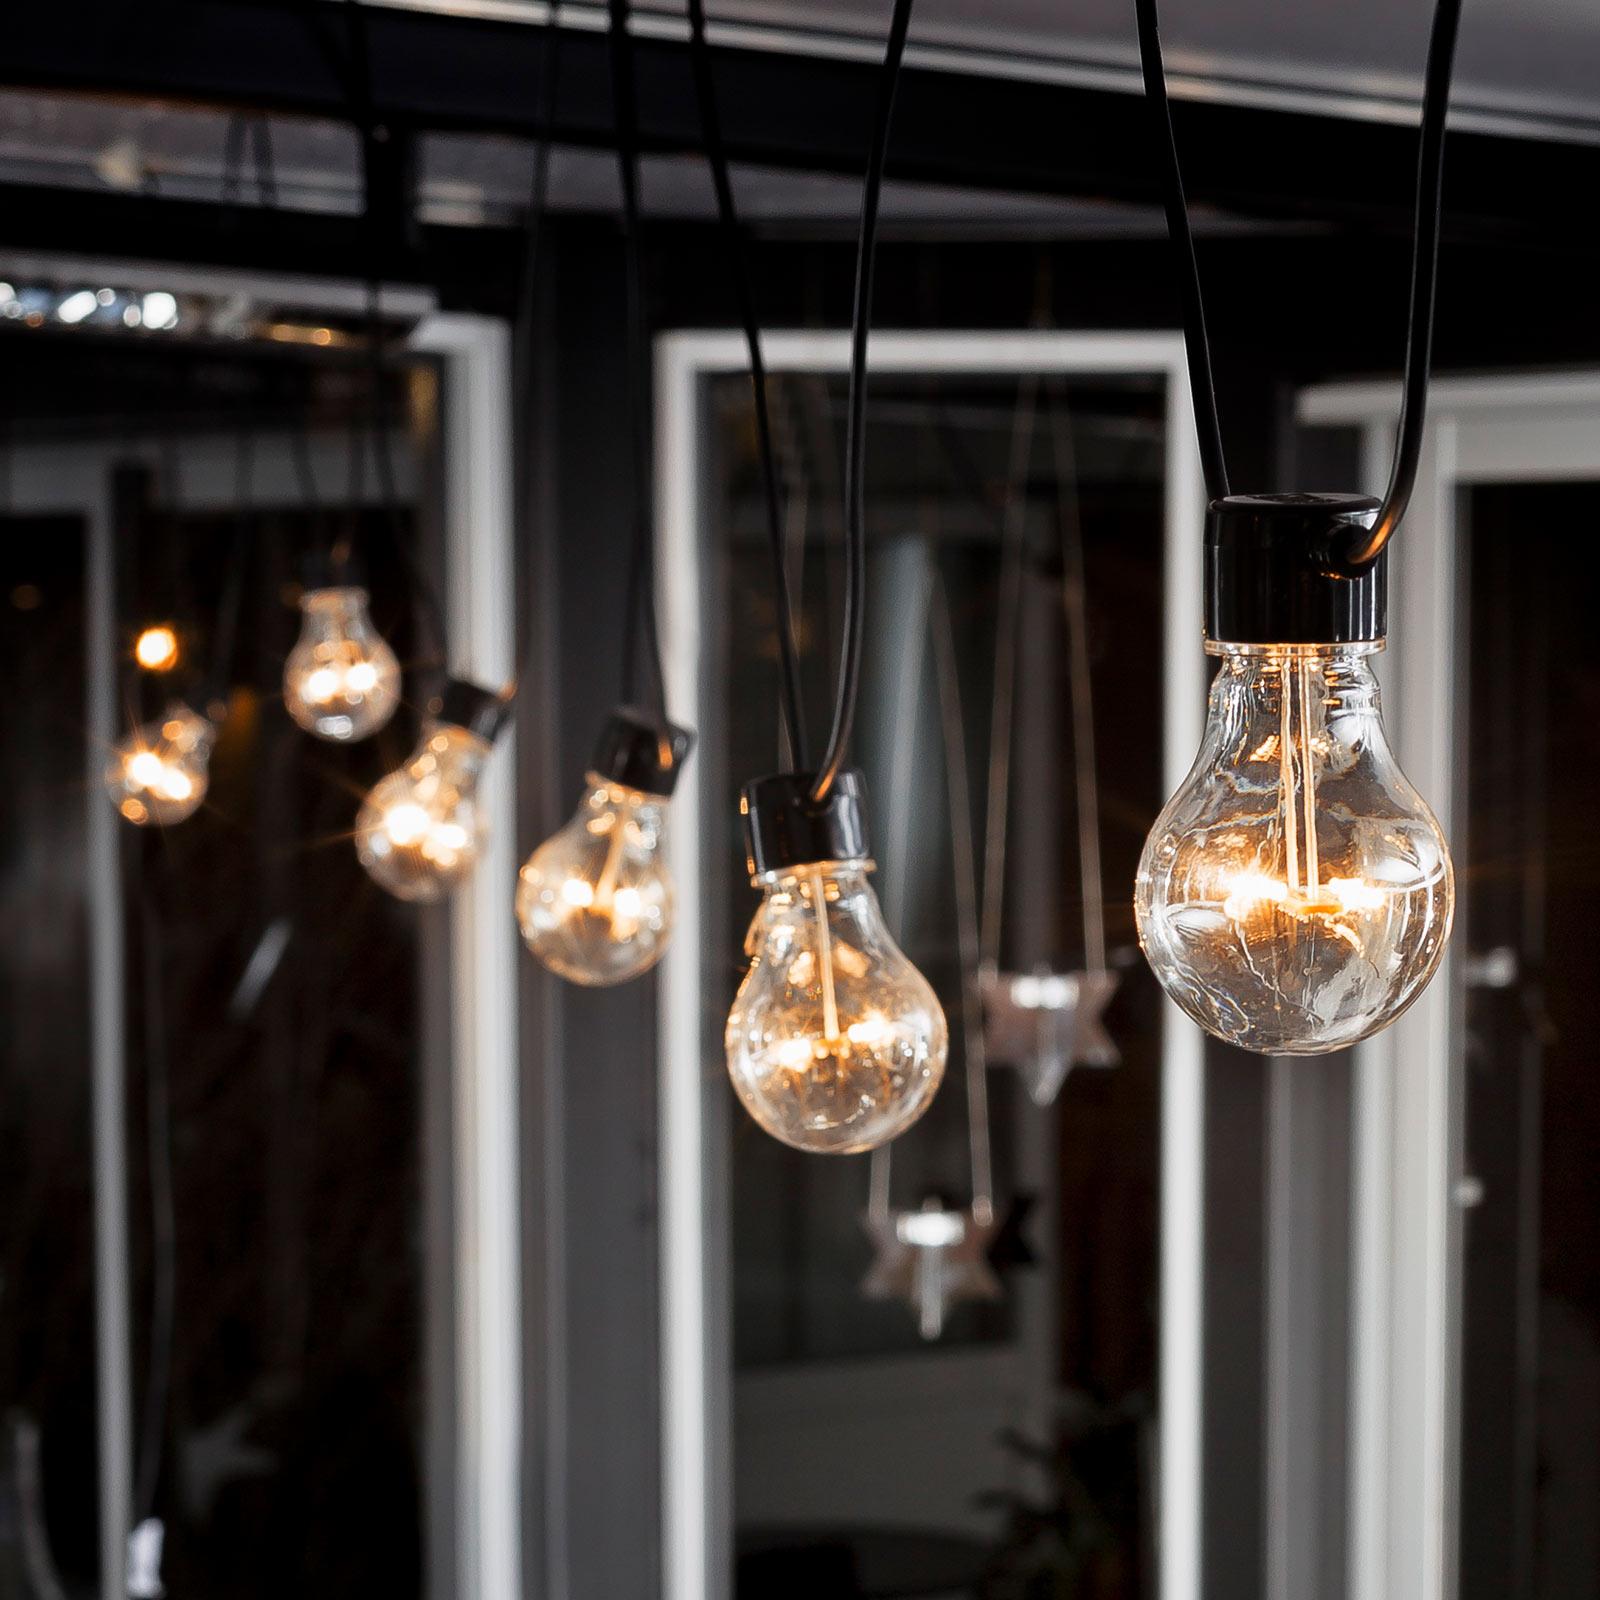 LED-ljusslinga Biergarten utvidgning, bärnsten